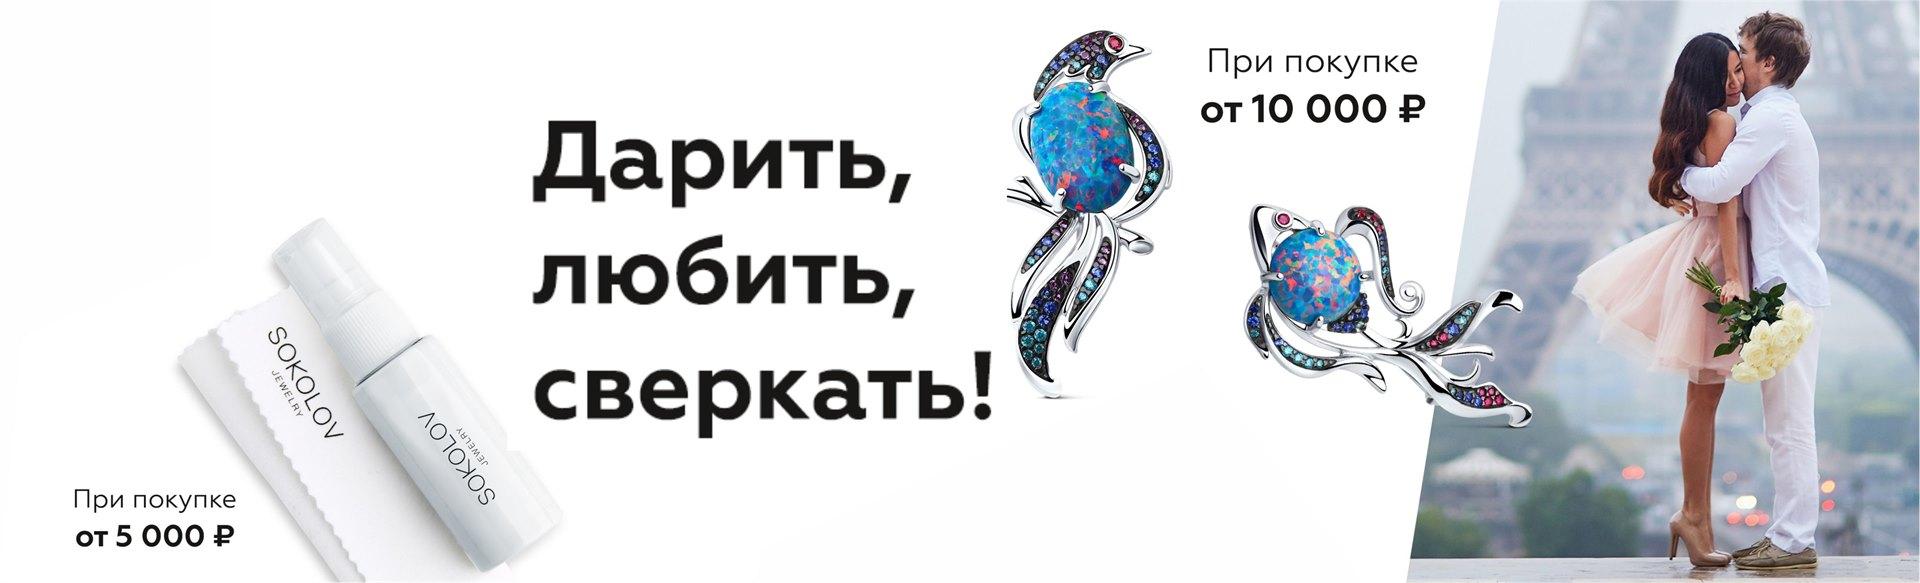 https://www.almazcom.ru/pub/img/QA/actions/na_sajt_v_razdel_aktsii.jpg